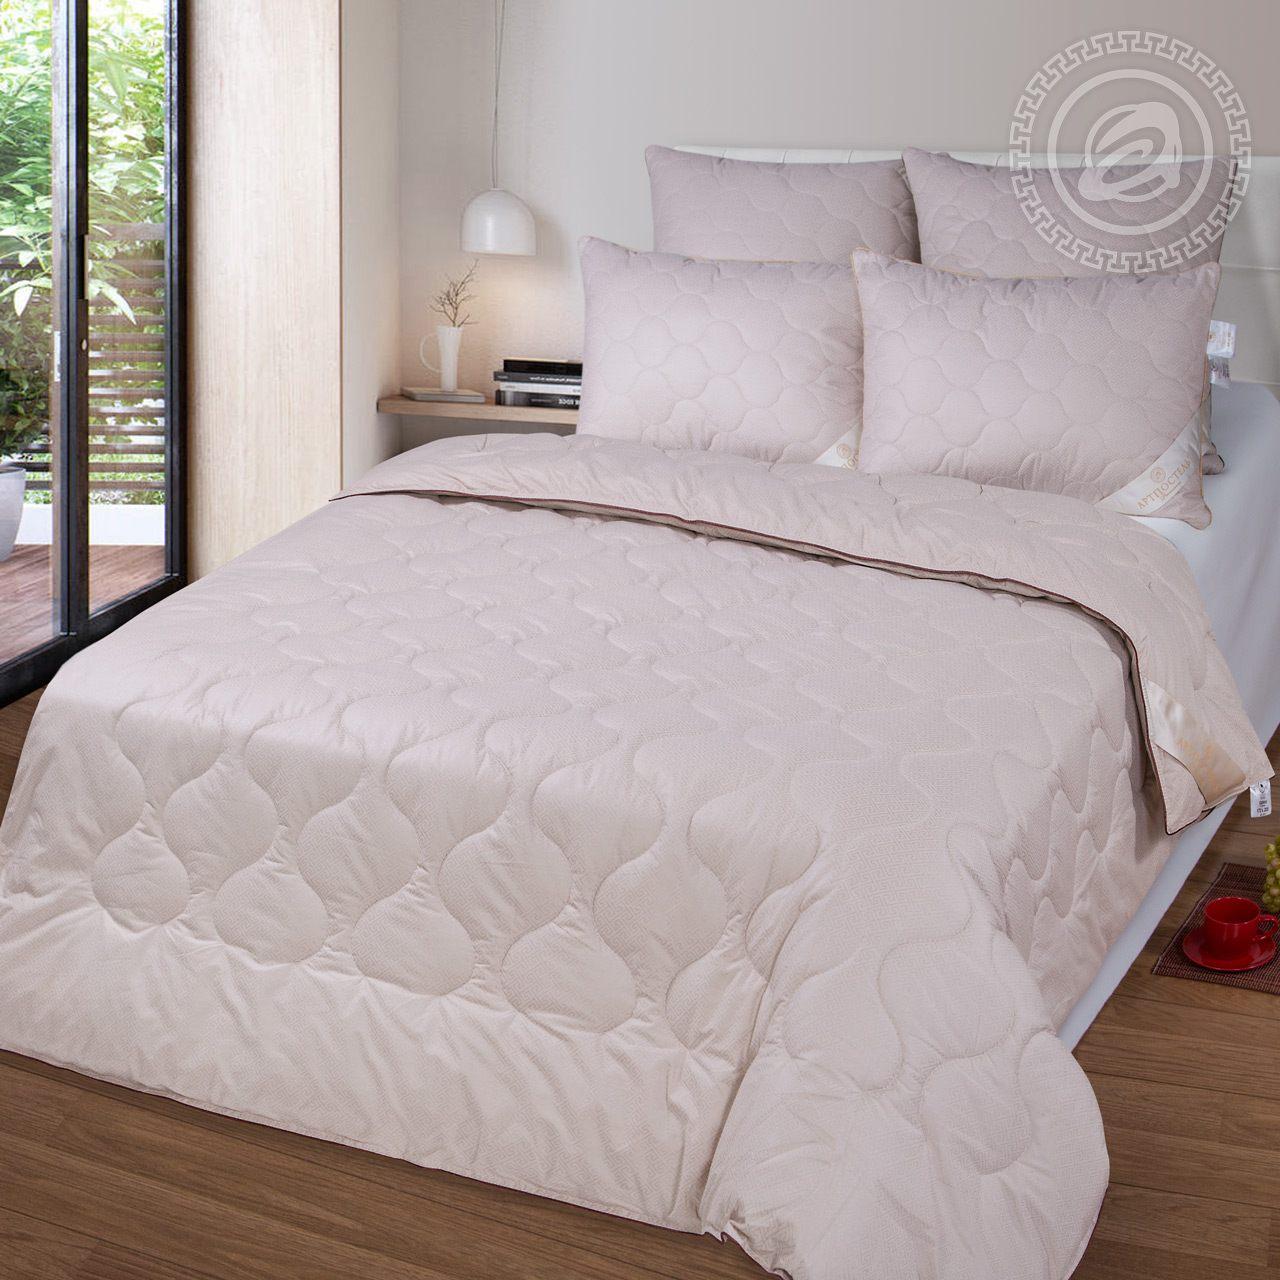 """Одеяло """"Camel Premium облегченное"""" р. 140х205 — Camel Premium облегченное"""